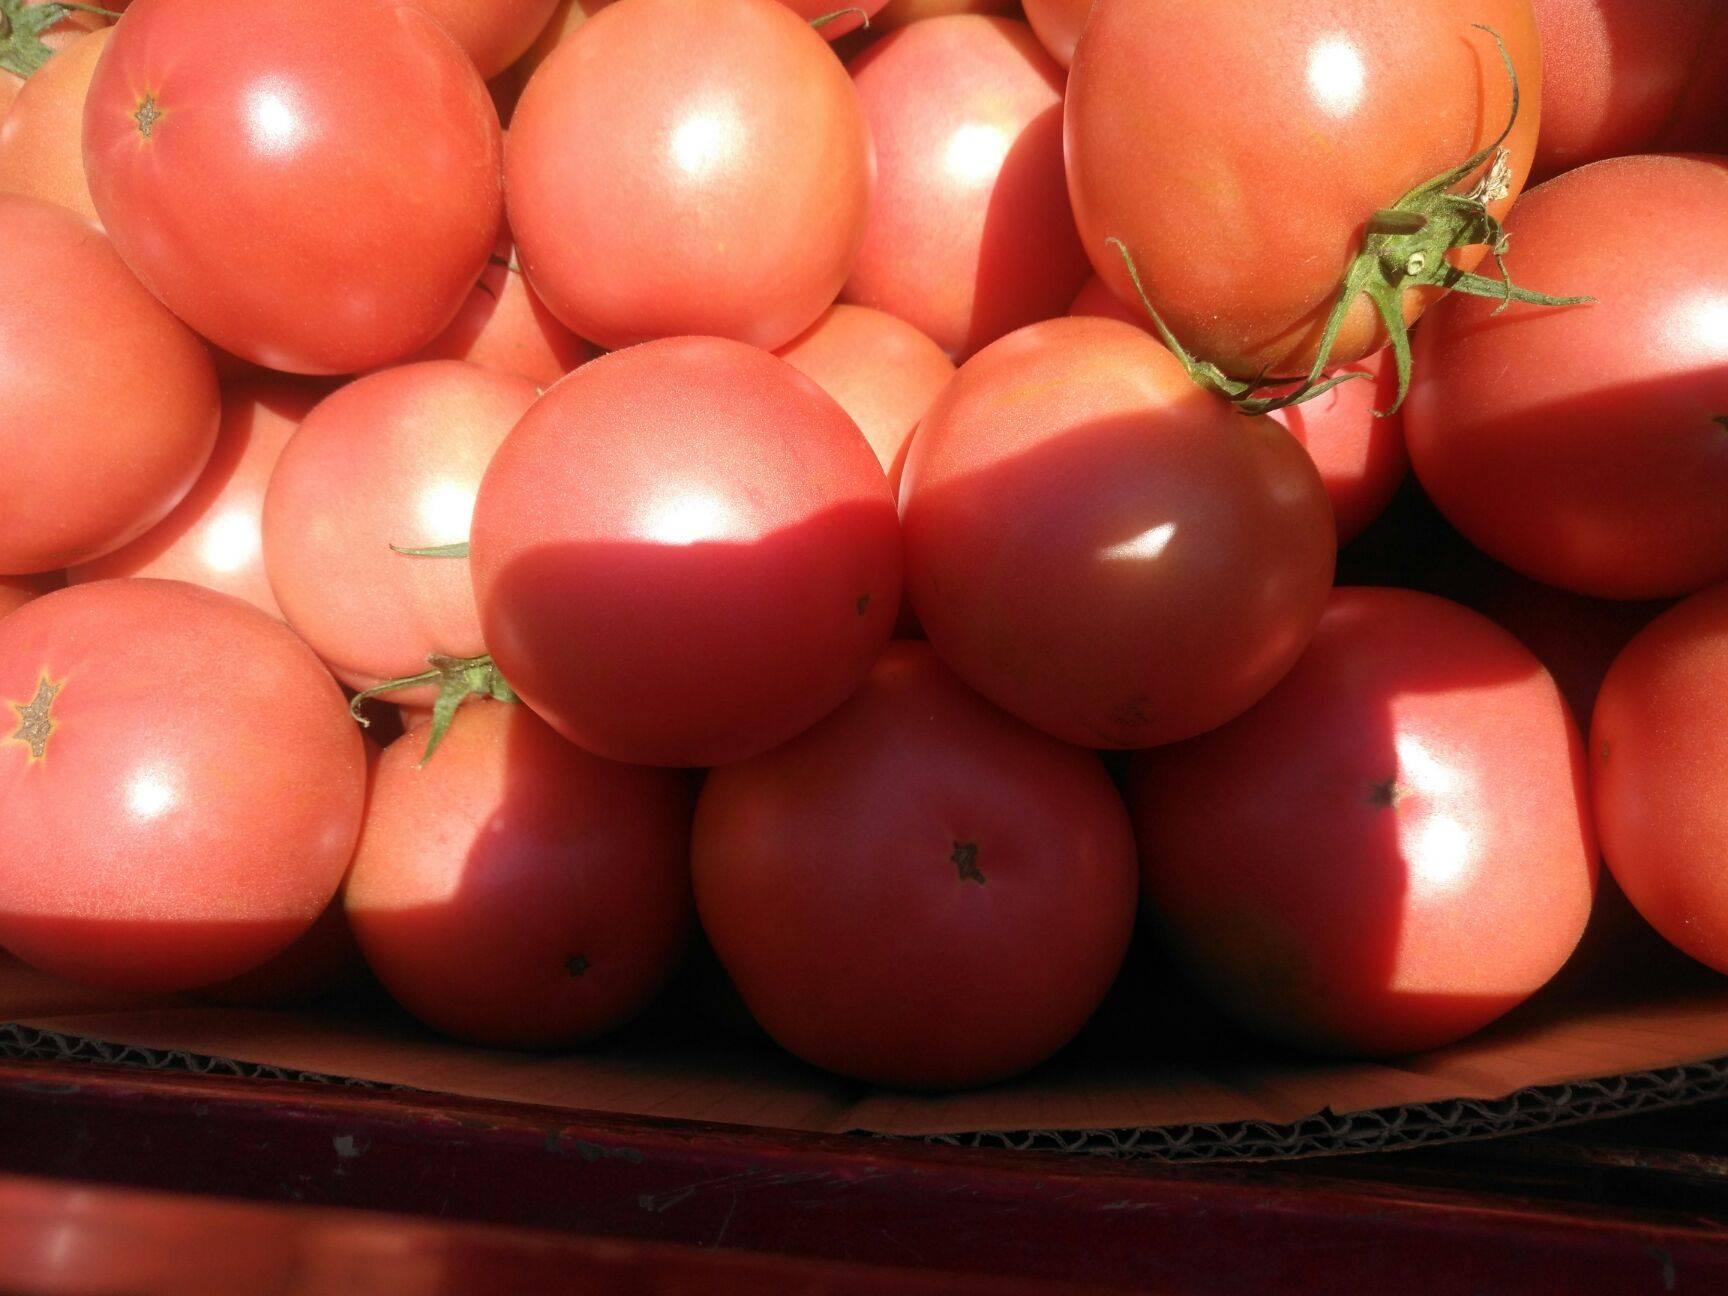 粉果番茄 农家自产,大量供应,物美价廉,大家快来看看吧!